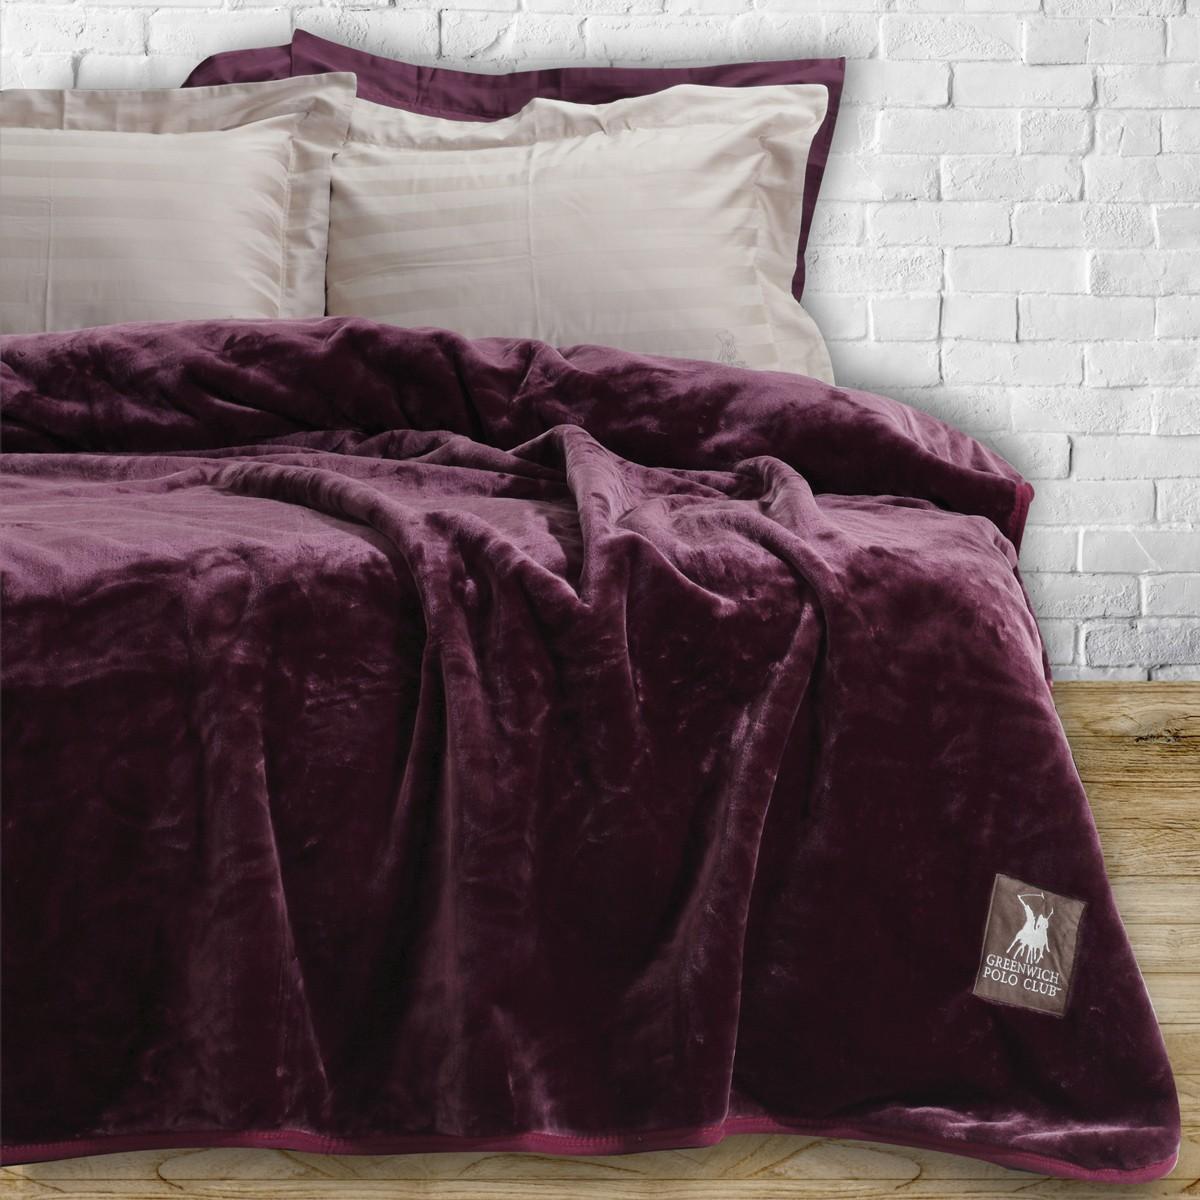 Κουβέρτα Βελουτέ Υπέρδιπλη Polo Club Essential Blanket 2403 78699